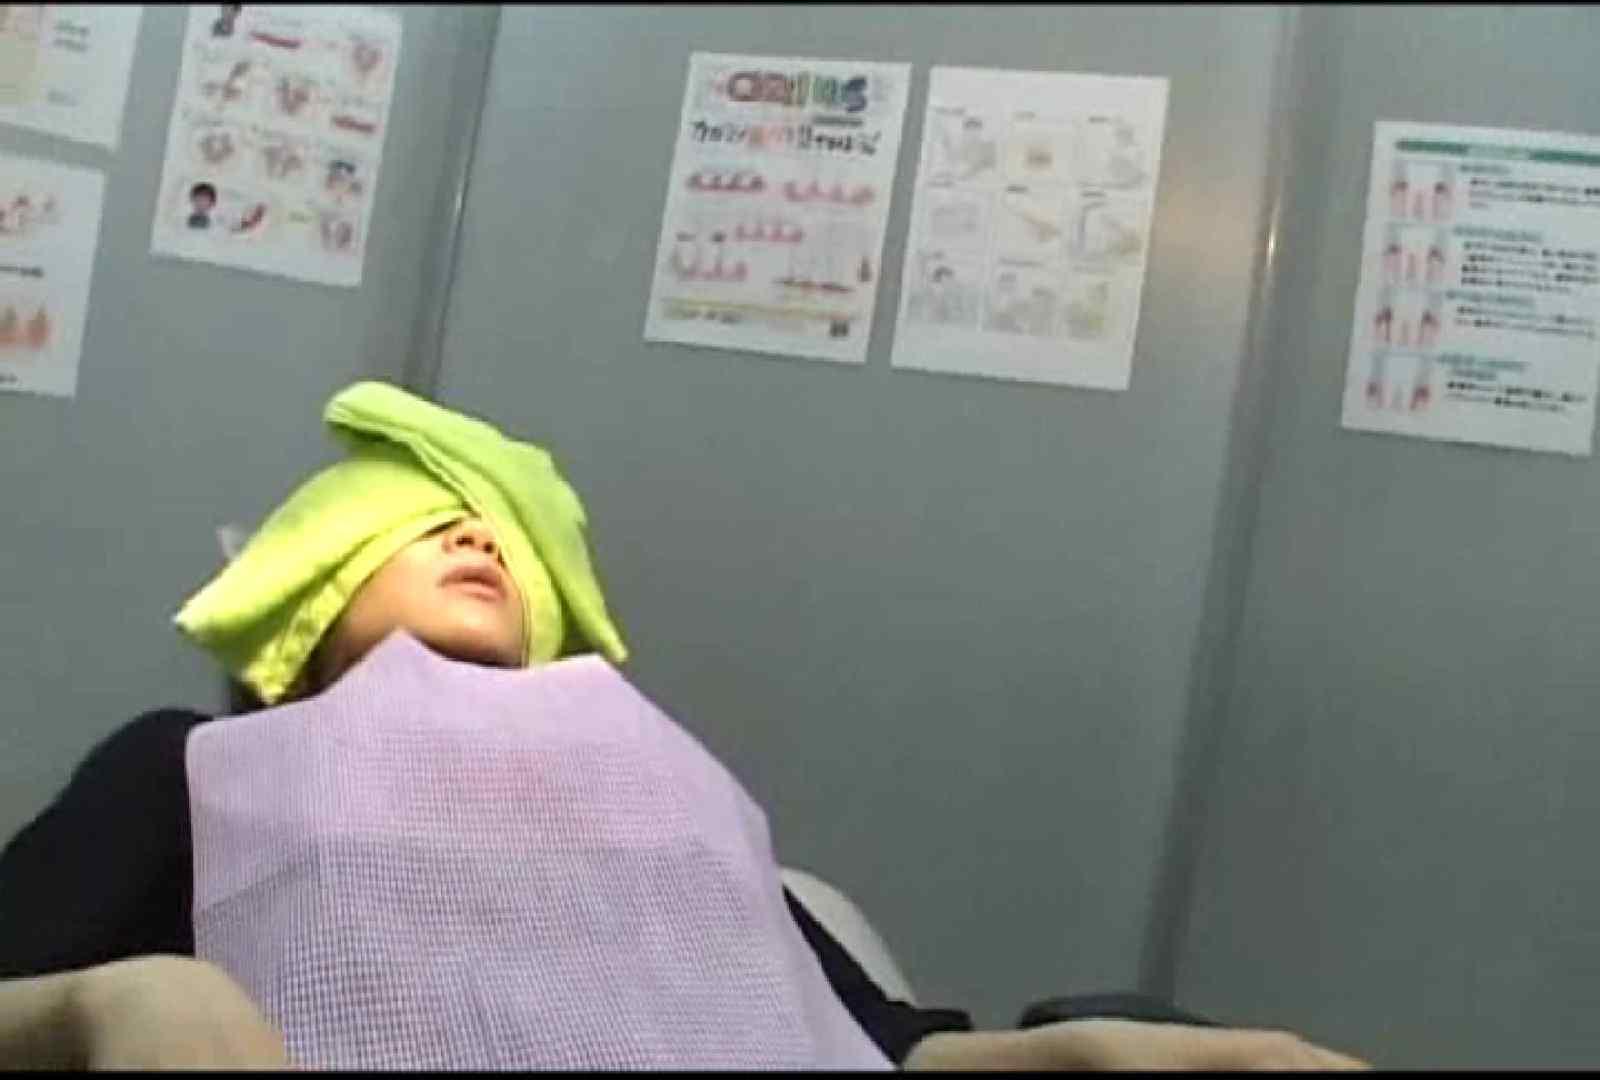 看護師が流出させた歯科医院接写パンツVol.5 ミニスカート 盗み撮りSEX無修正画像 49画像 29